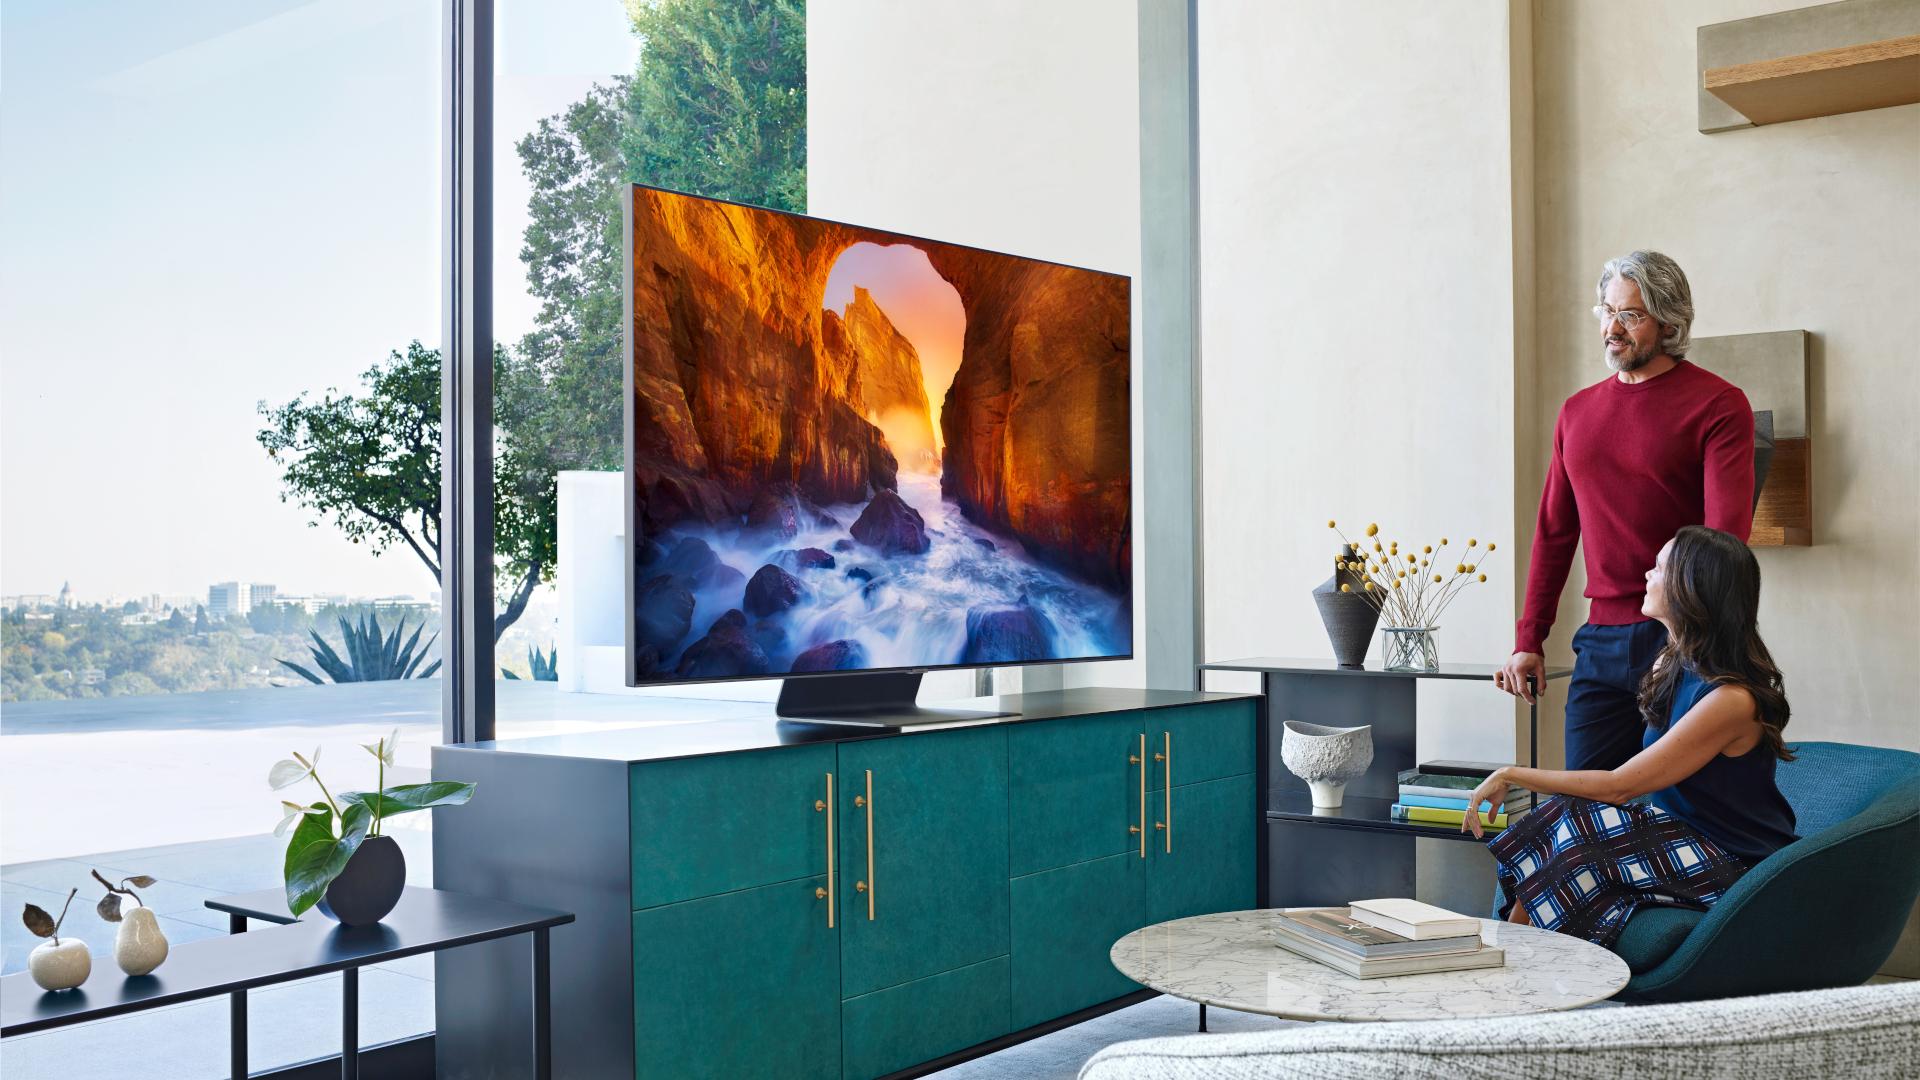 Samsung TV 2020: každý nový QLED a LED televízor Samsung prichádza tento rok 10